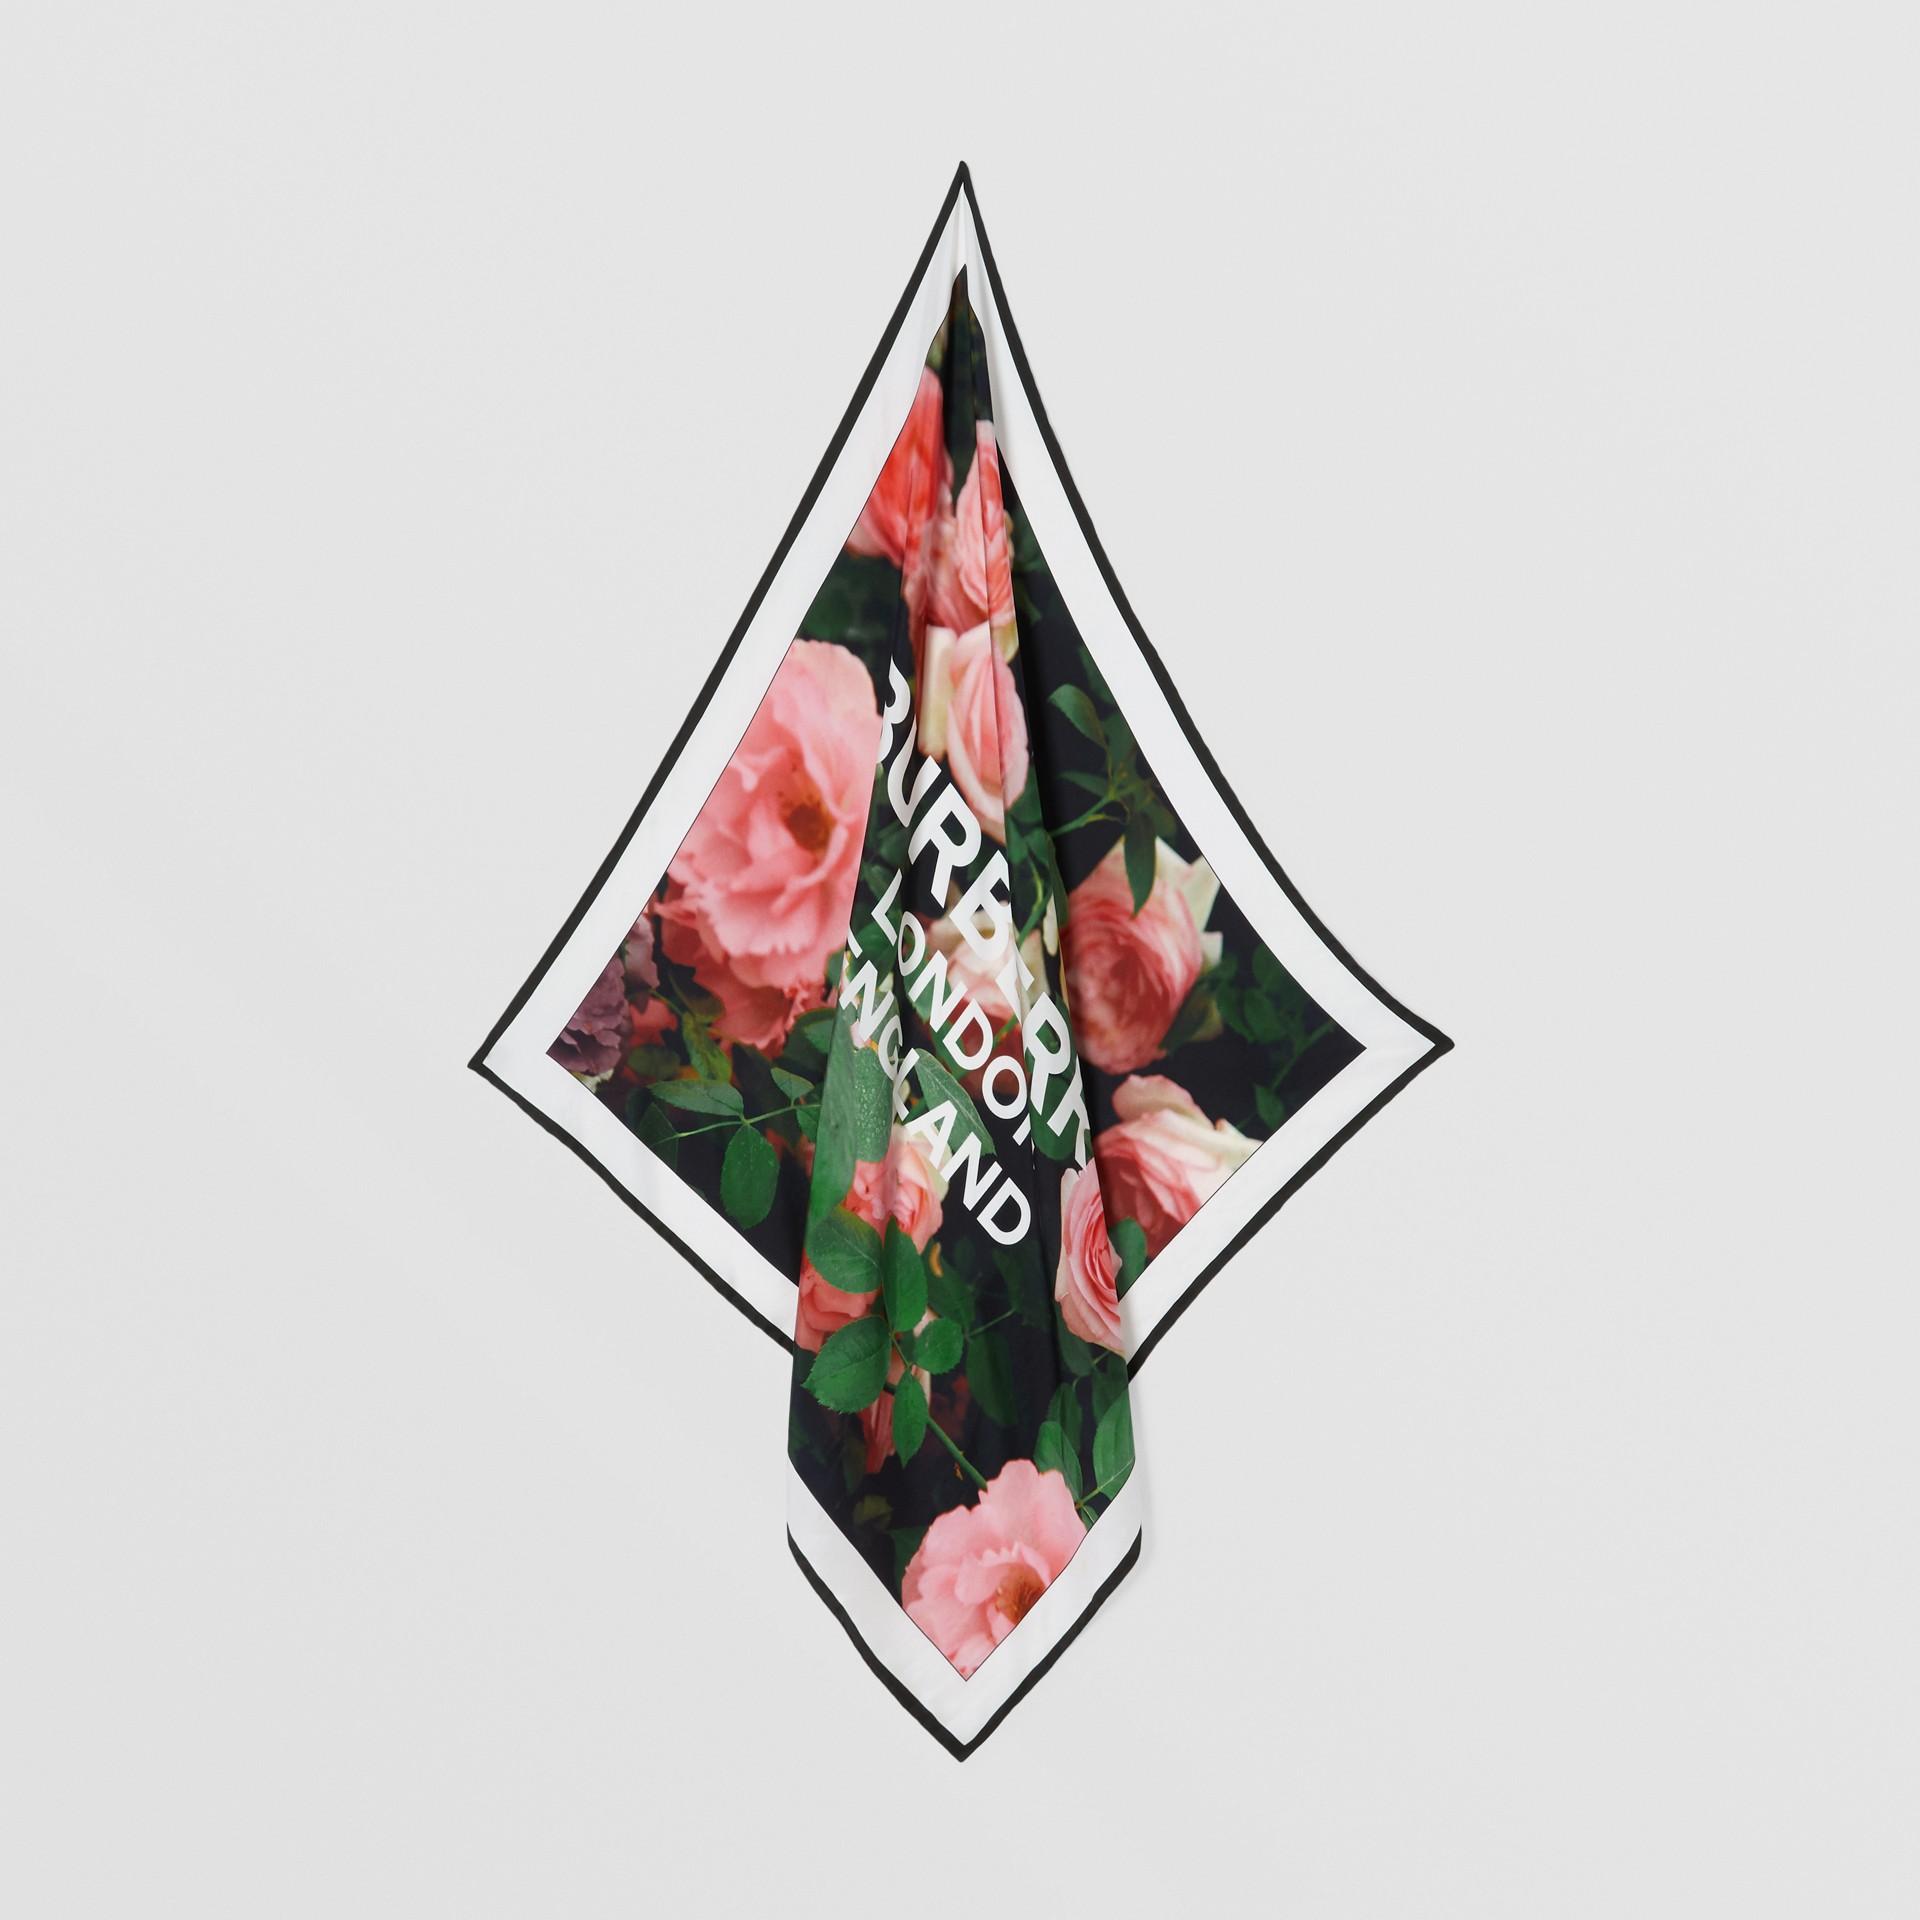 フローラル&ロゴプリント シルク スクエアスカーフ (ローズピンク) | バーバリー - ギャラリーイメージ 3